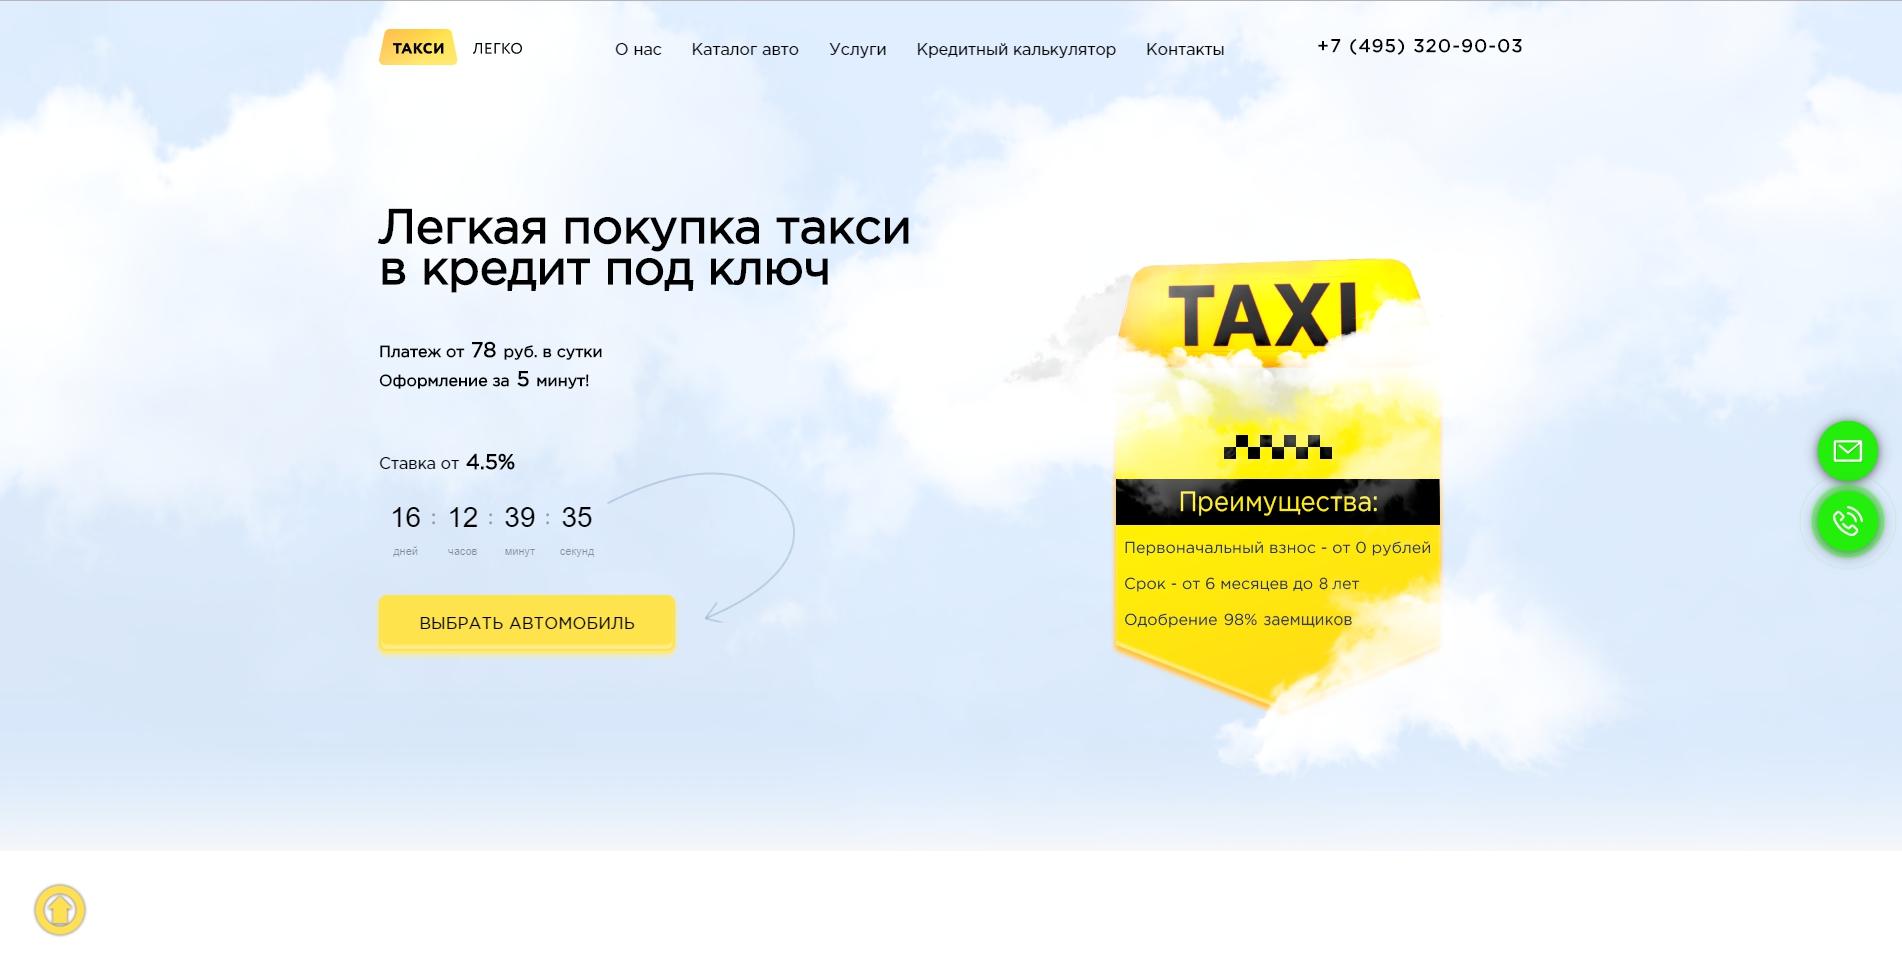 купить автомобиль в кредит в ярославле